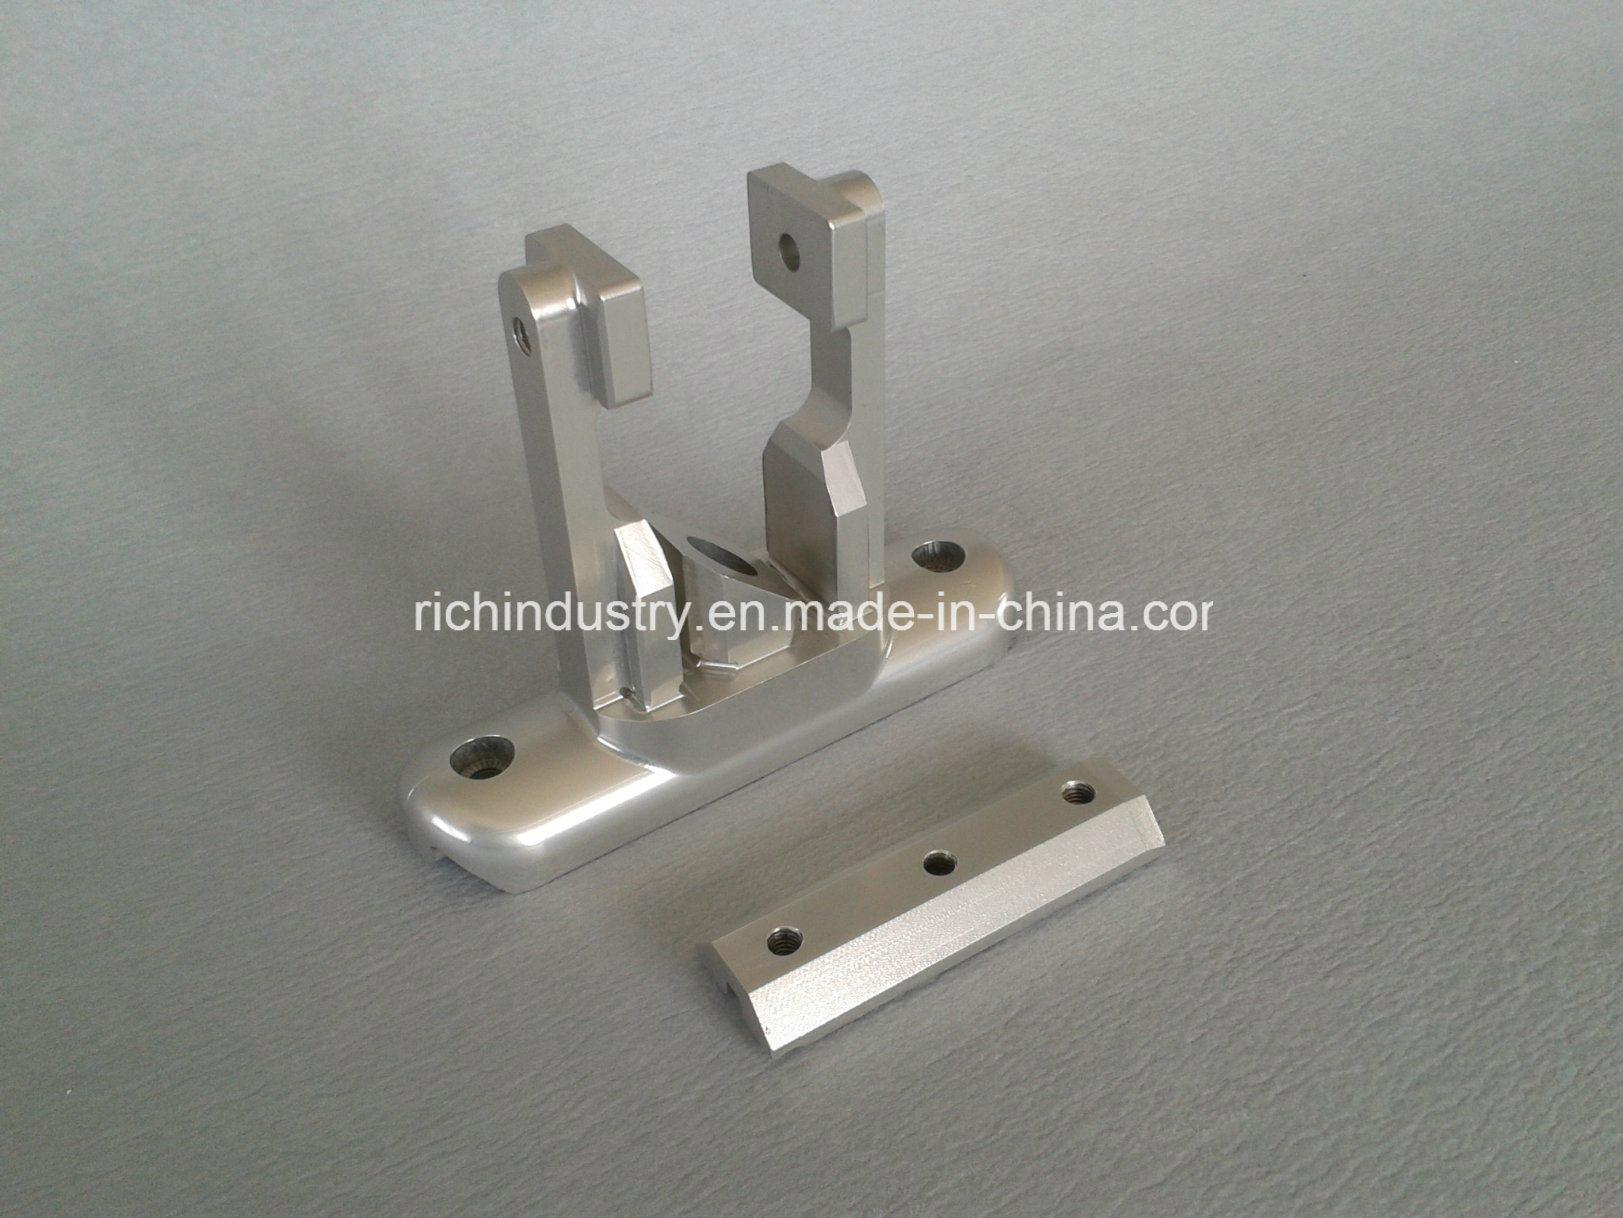 CNC Machining Part/Brass CNC Machining Part/Machinery Part/Metal Forging Parts/Auto Parts/Steel Forging Part/Aluminium Forging/Automobile Part/Bicycle Parts